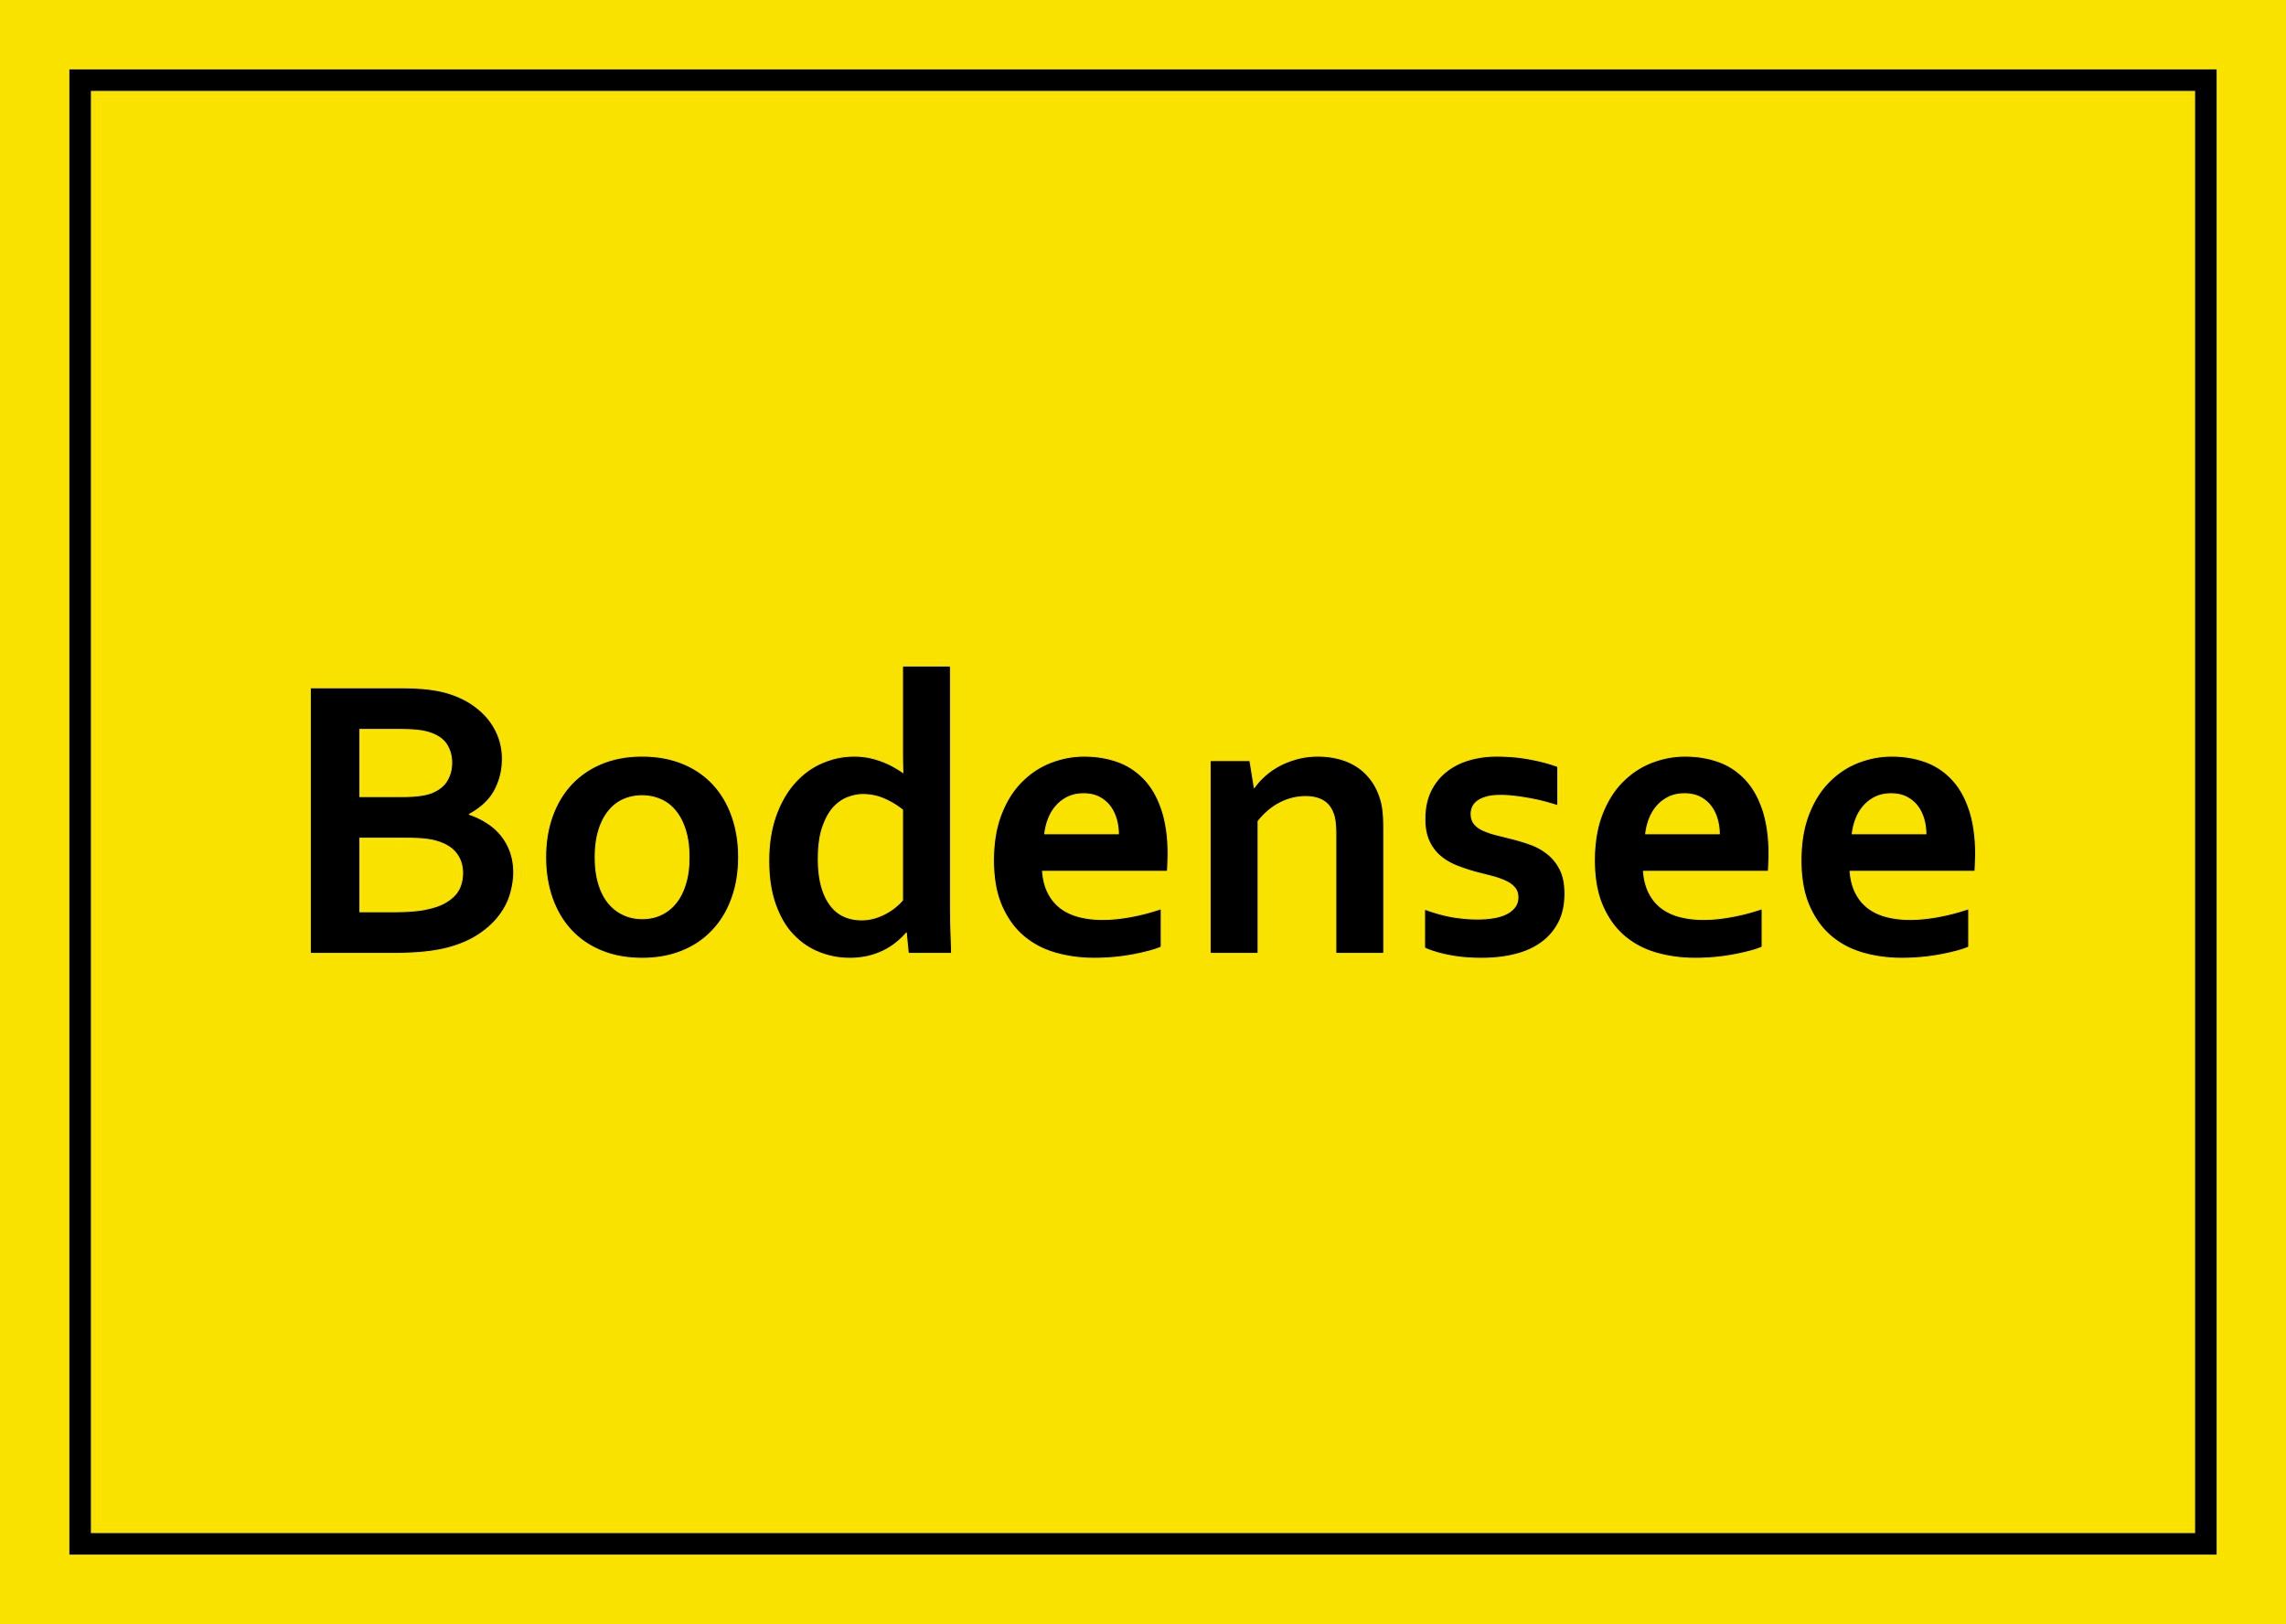 Sticker Bodensee